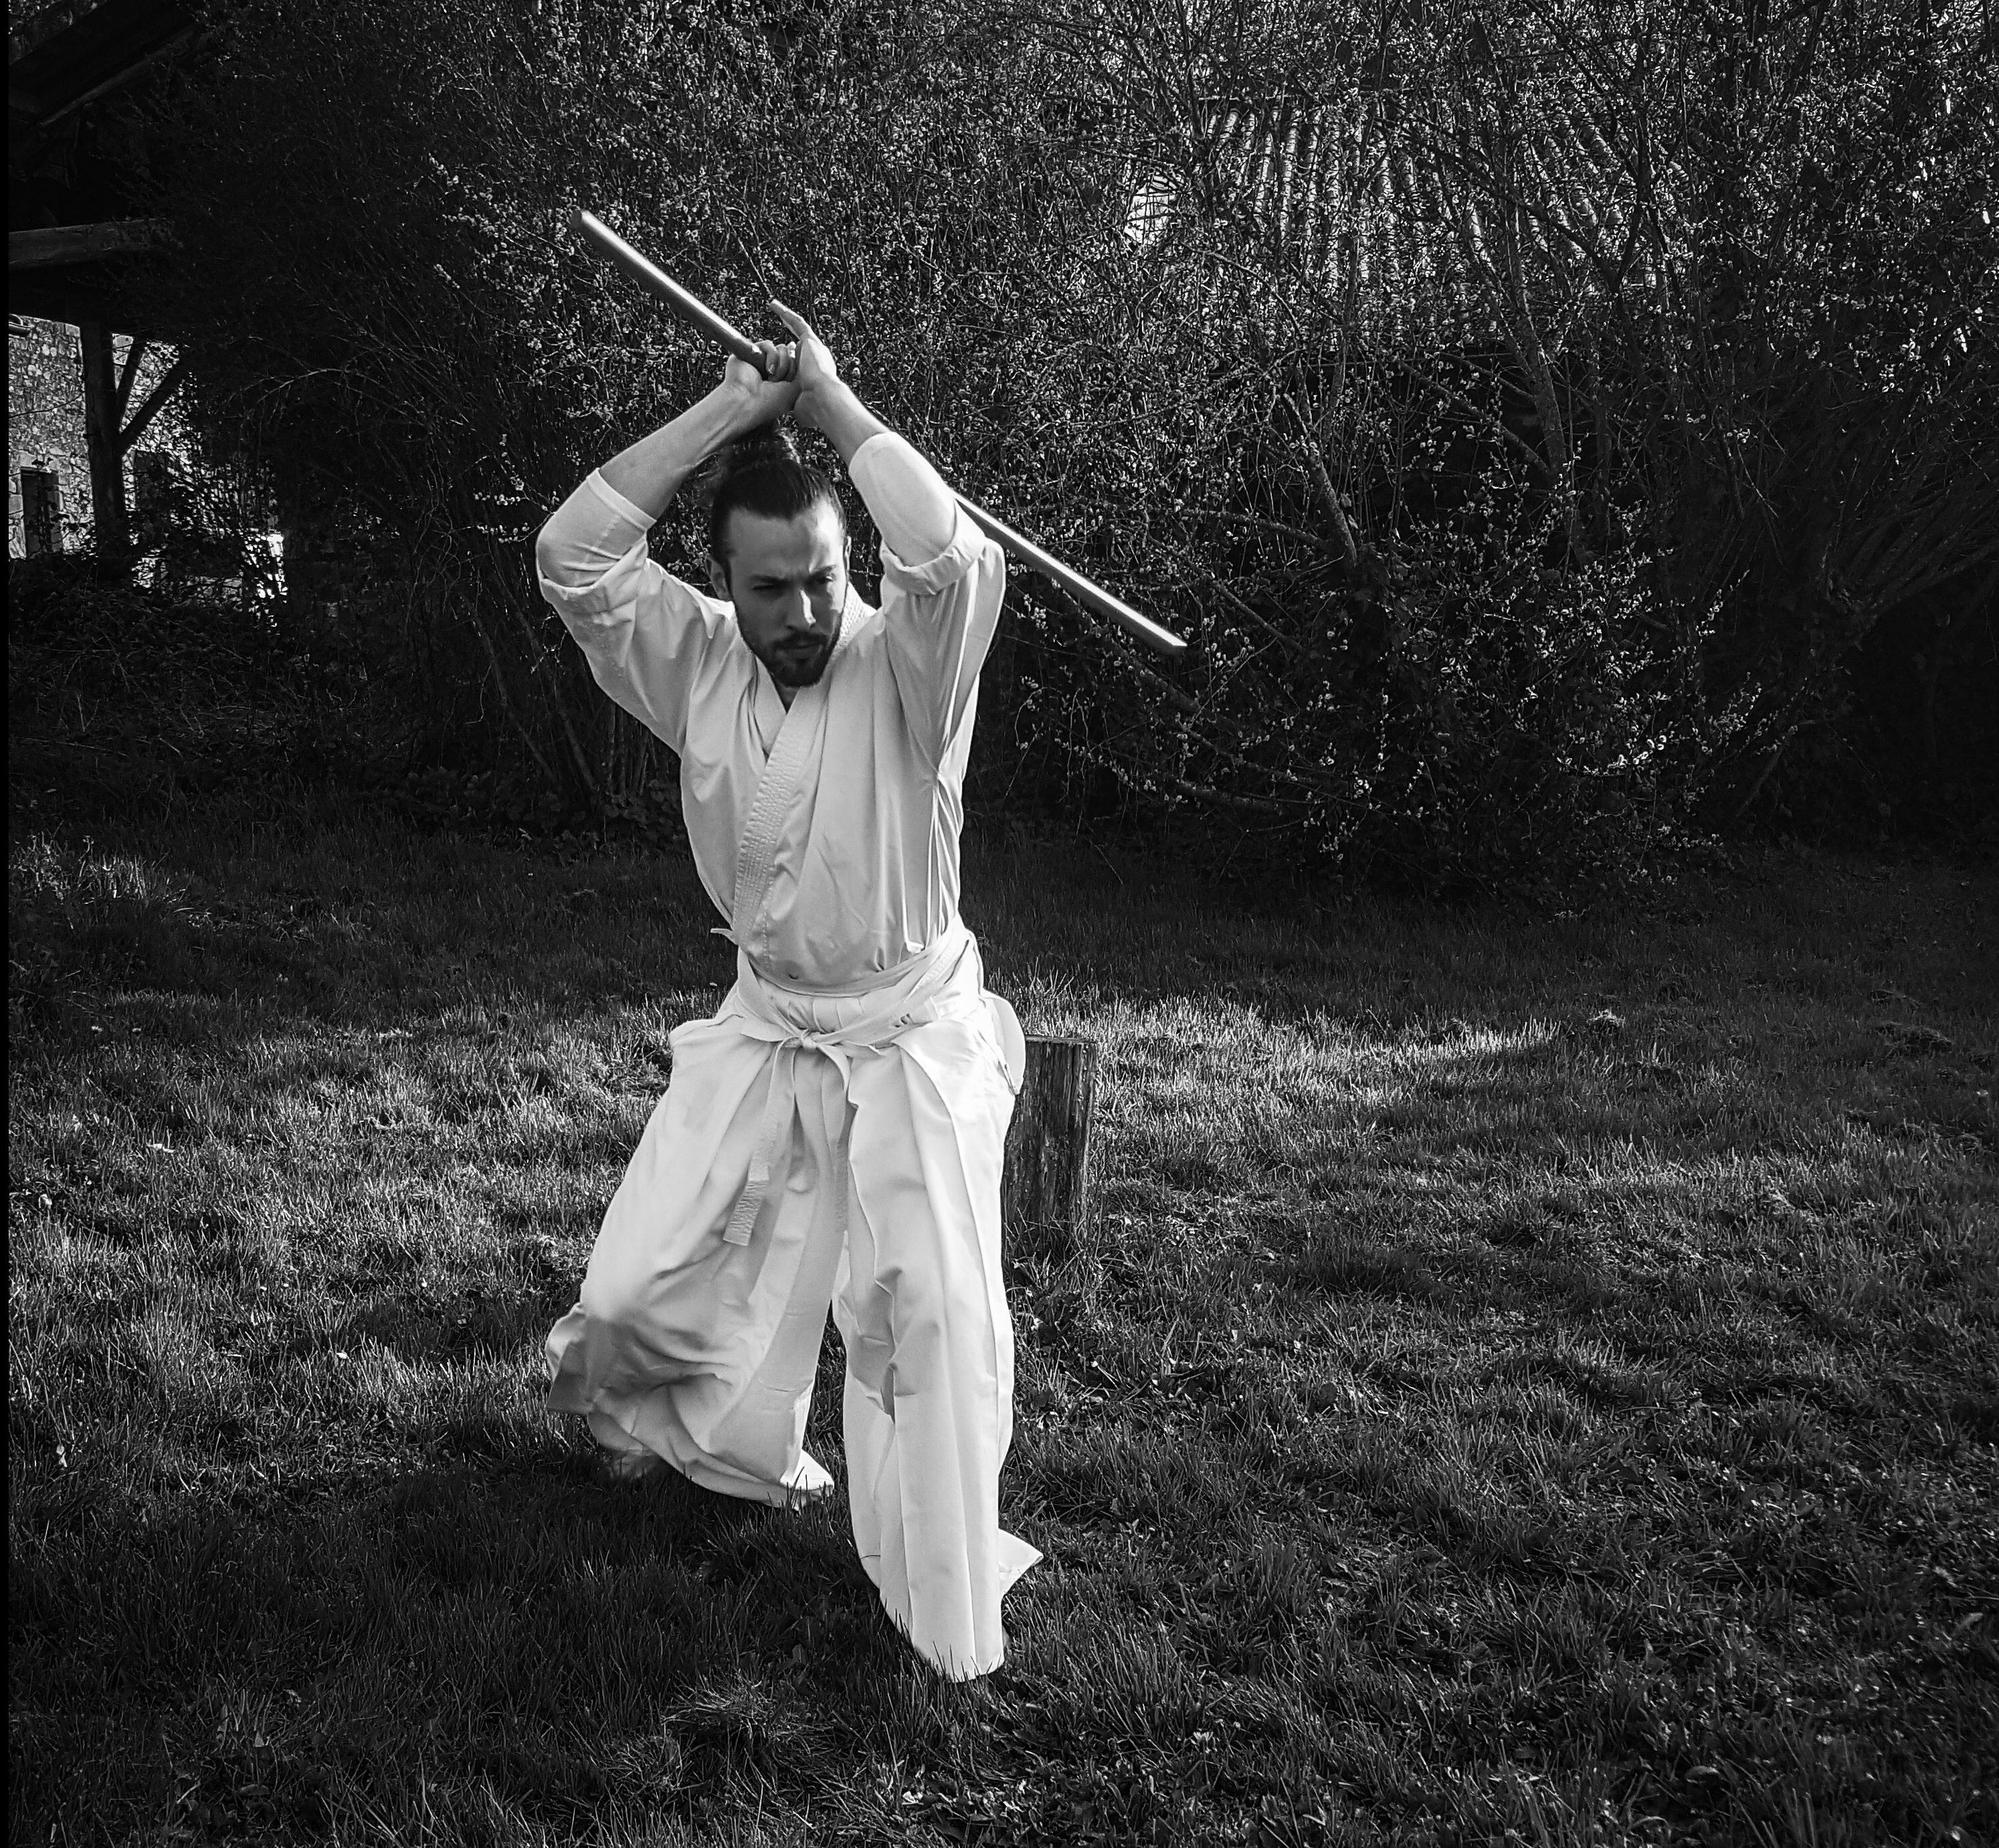 Loin du dojo: entrainement, progression, acquisitions, perte de compétences